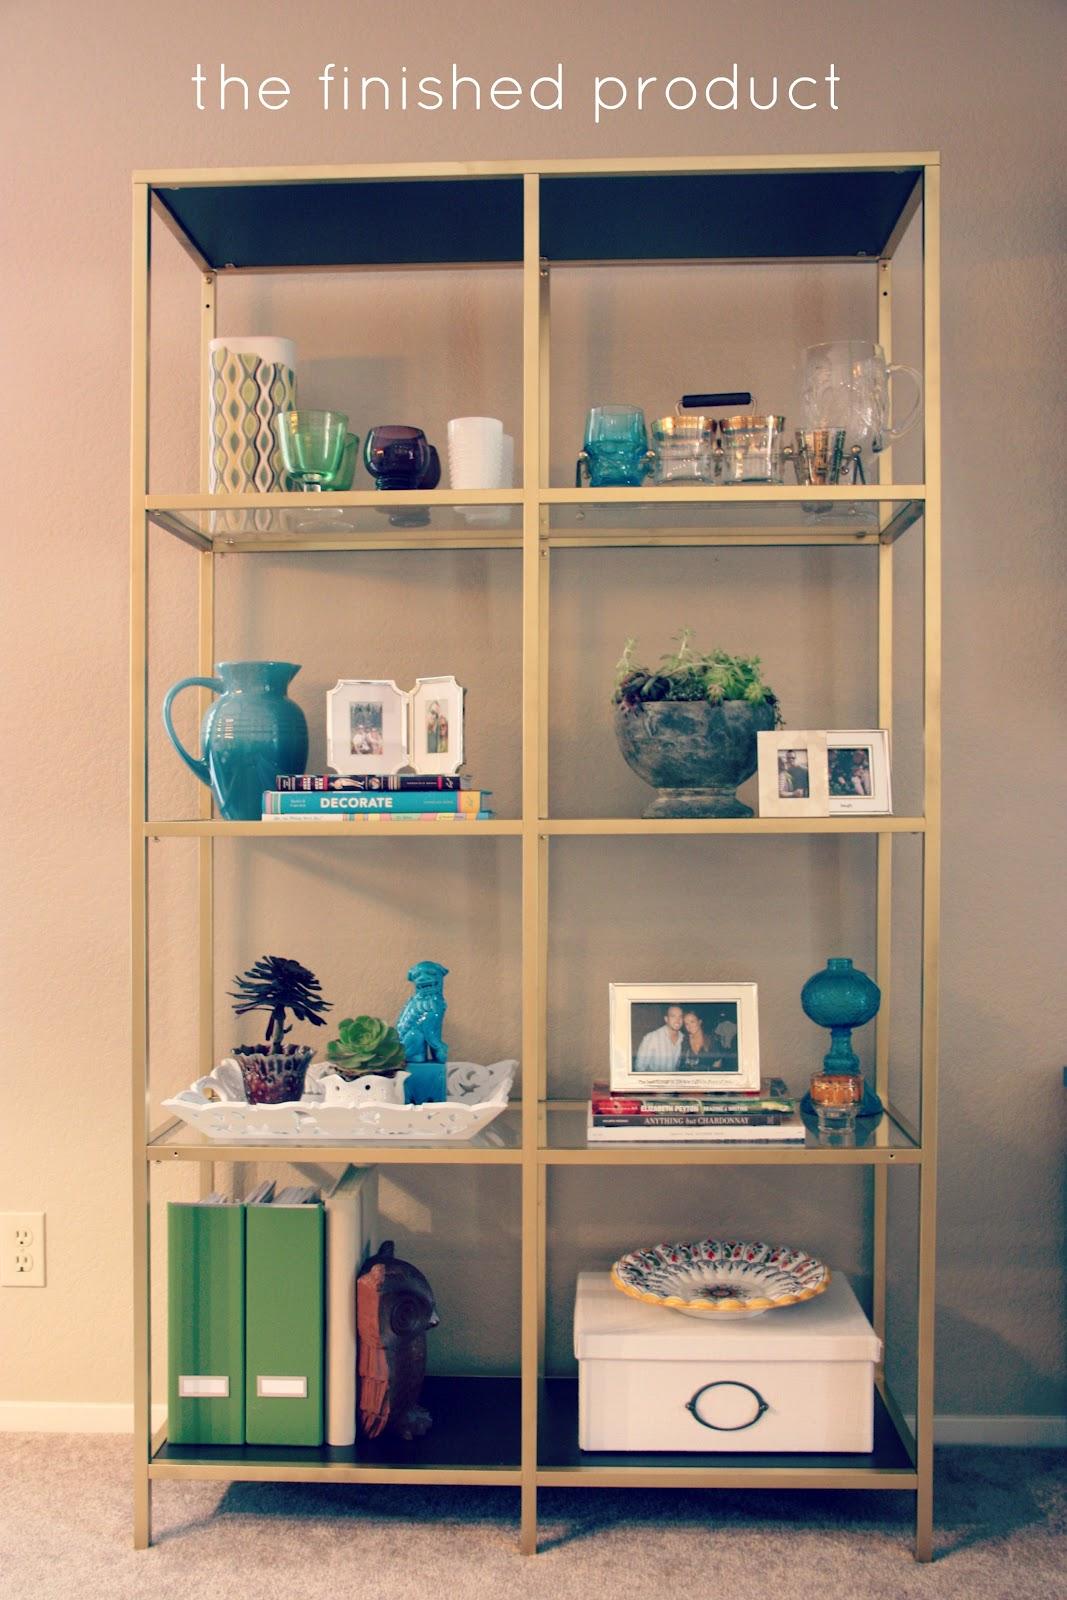 etagere ikea 6 cases affordable voici ides pour utiliser les tagres ikea de manire originale. Black Bedroom Furniture Sets. Home Design Ideas